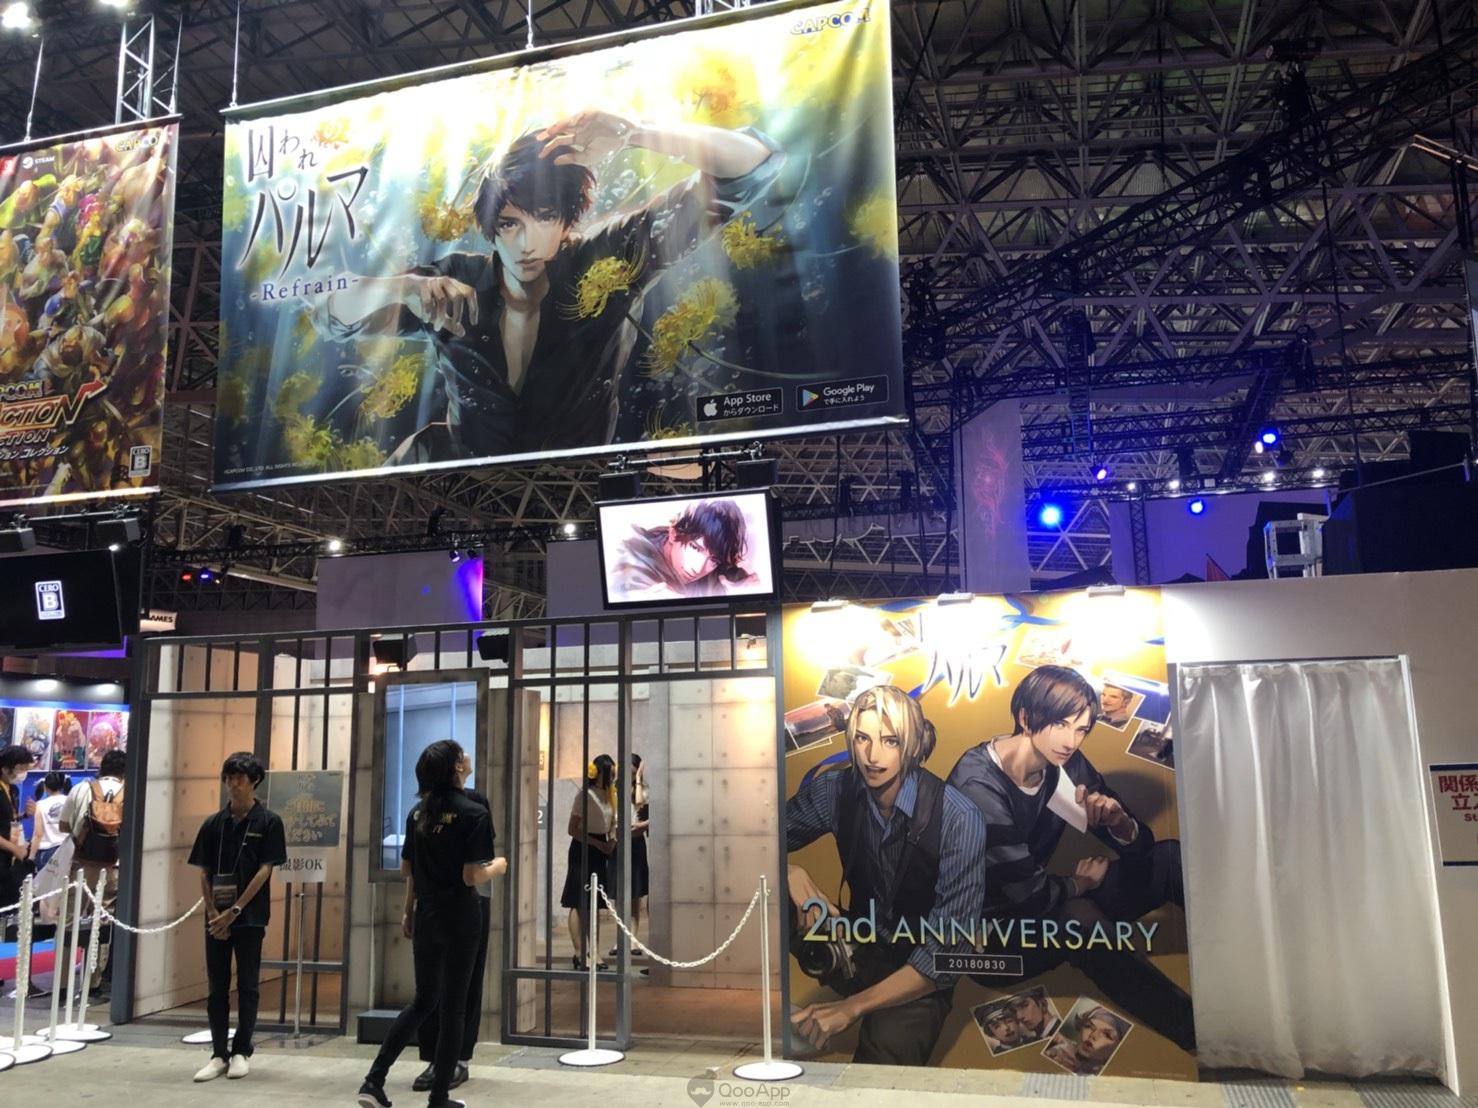 TGS2018:面會新男人《被囚禁的掌心》最新角色「千秋」(CV:石川界人)第一手試玩報告!